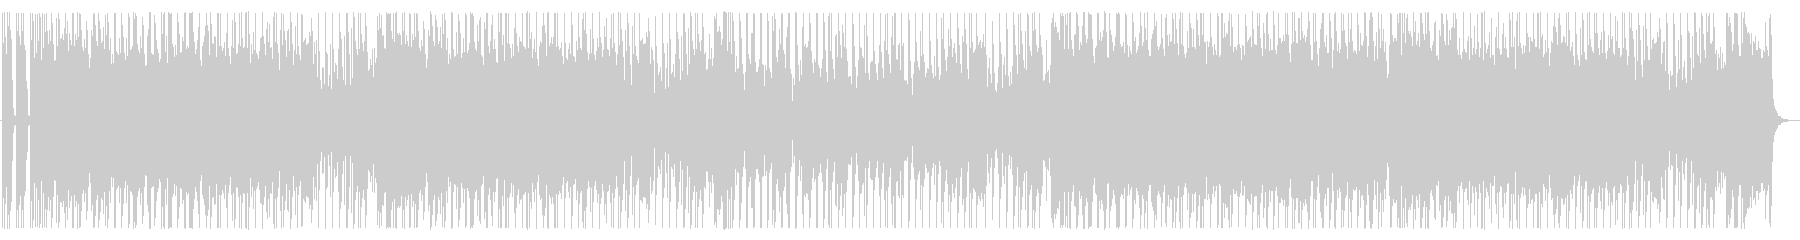 ハプニングの為のブギウギ・ギターロックの未再生の波形